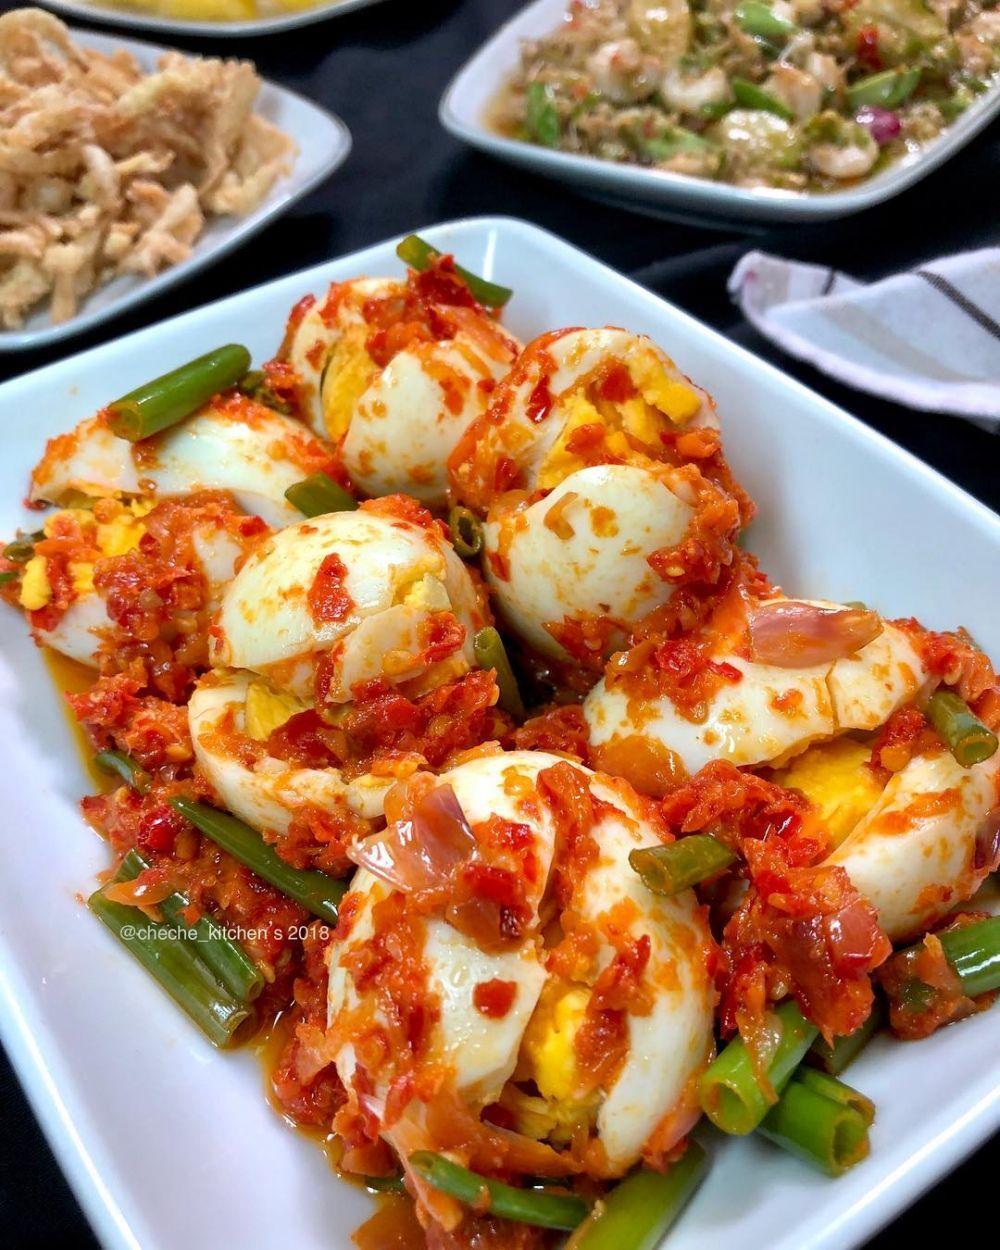 Masakan Lauk Pauk Berbagai Sumber Resep Masakan Masakan Makanan Dan Minuman